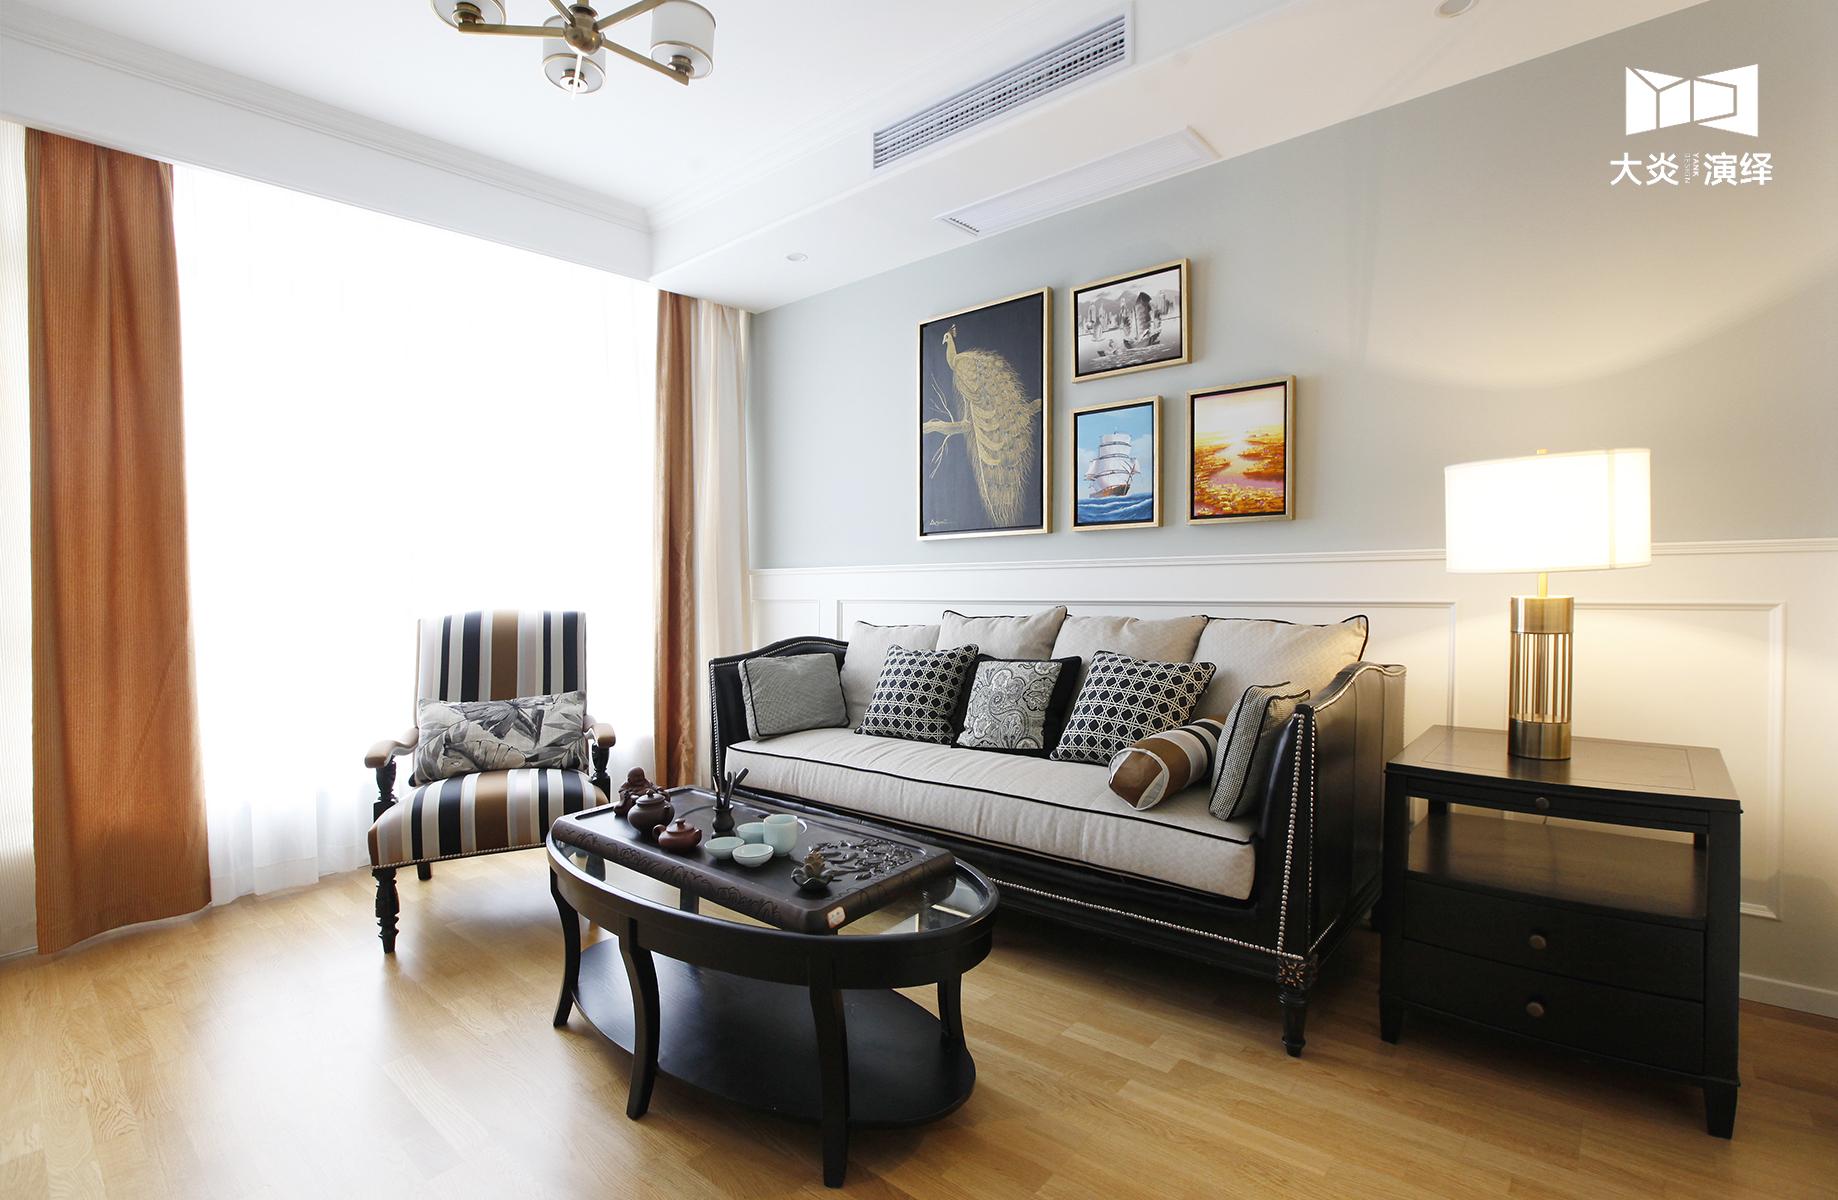 大户型简美风格起居室装修效果图